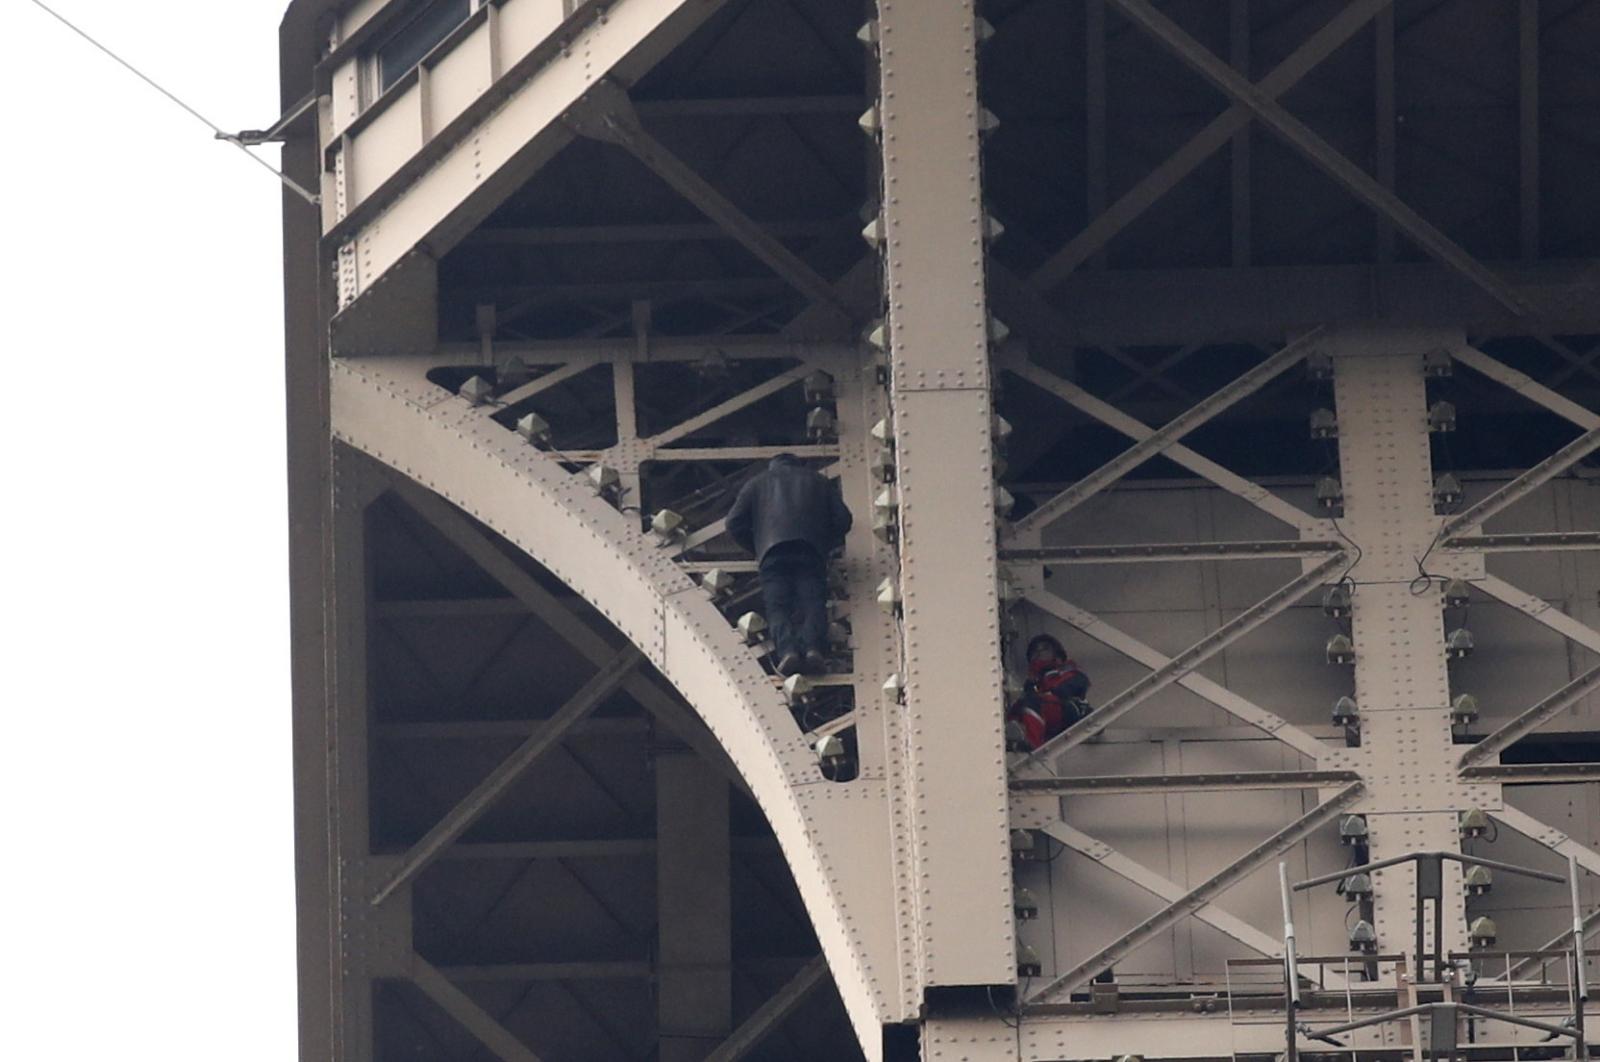 Mężczyzna wspiął się na wieżę Eiffla, próbuje powstrzymać go strażak. Fot. PAP/EPA/YOAN VALAT